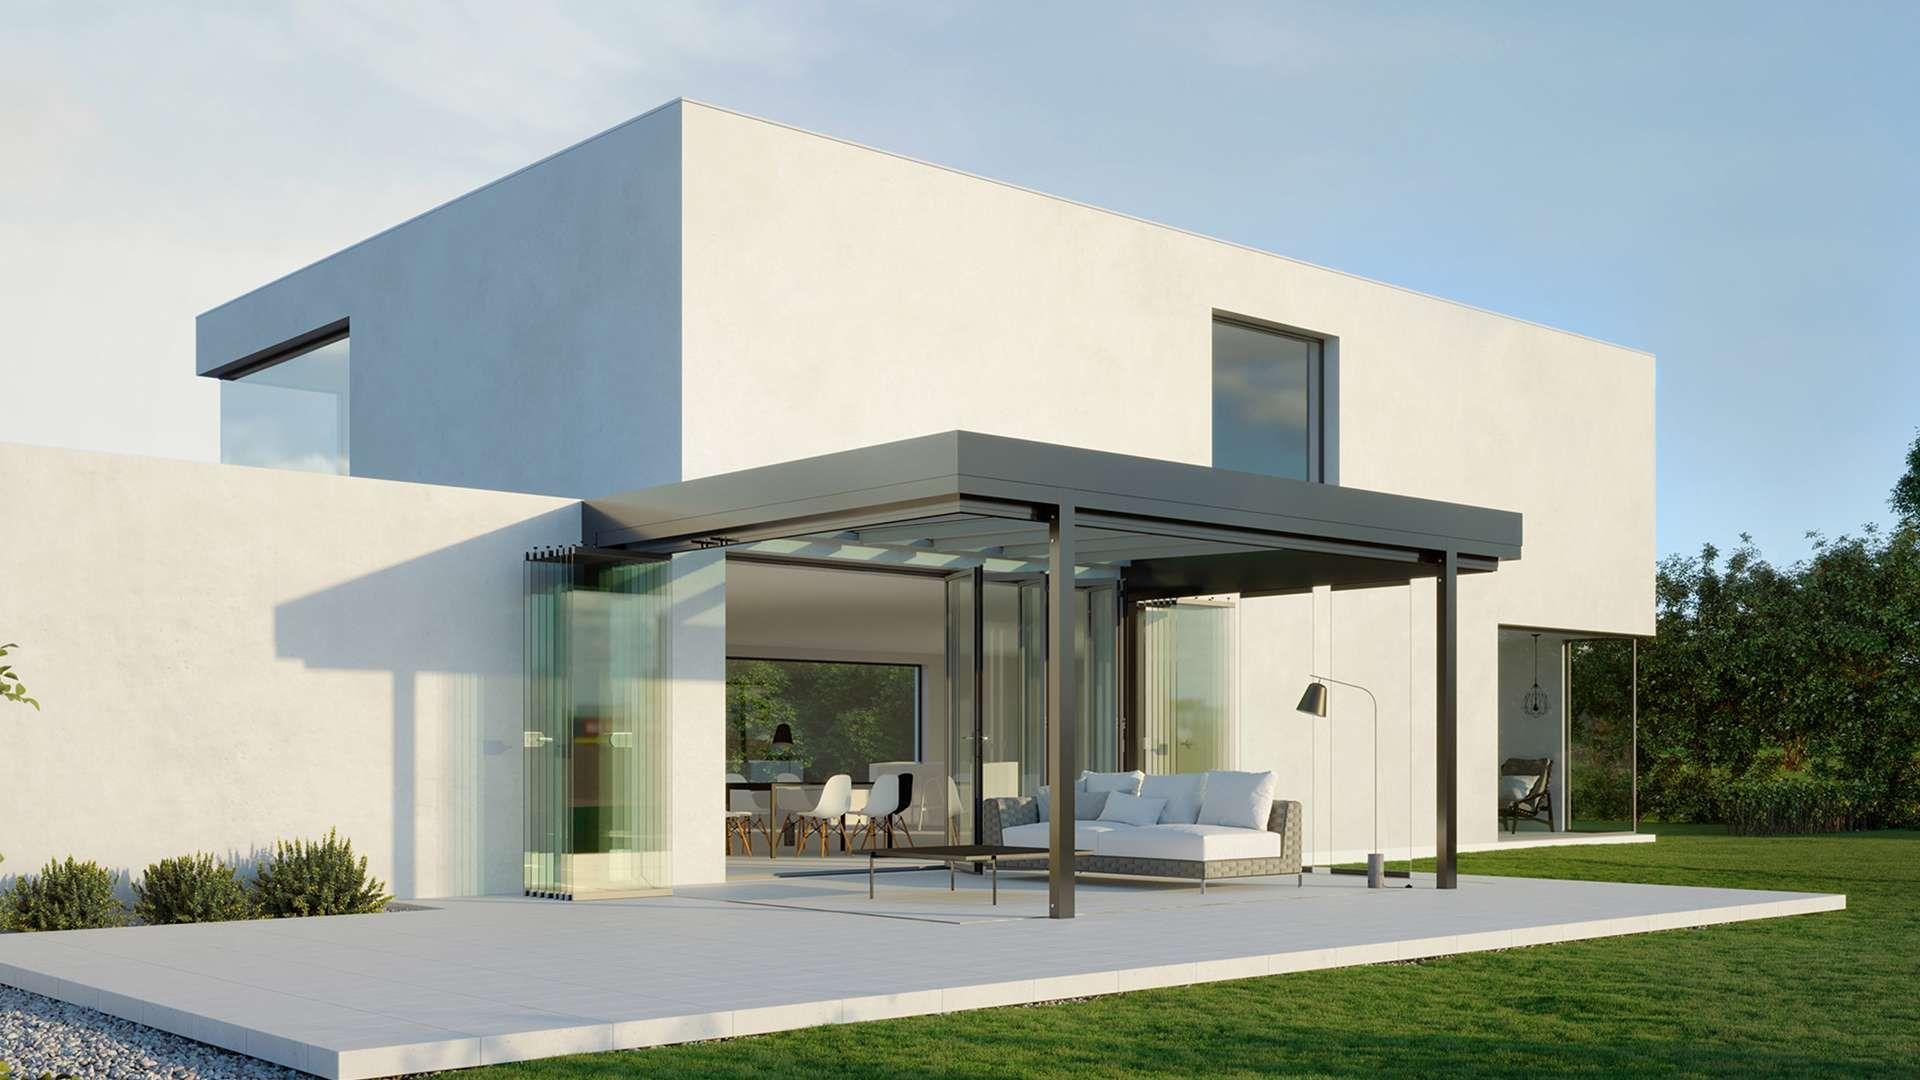 SDL Acubis Terrassendach an einem modernen Wohnhaus mit großem Garten